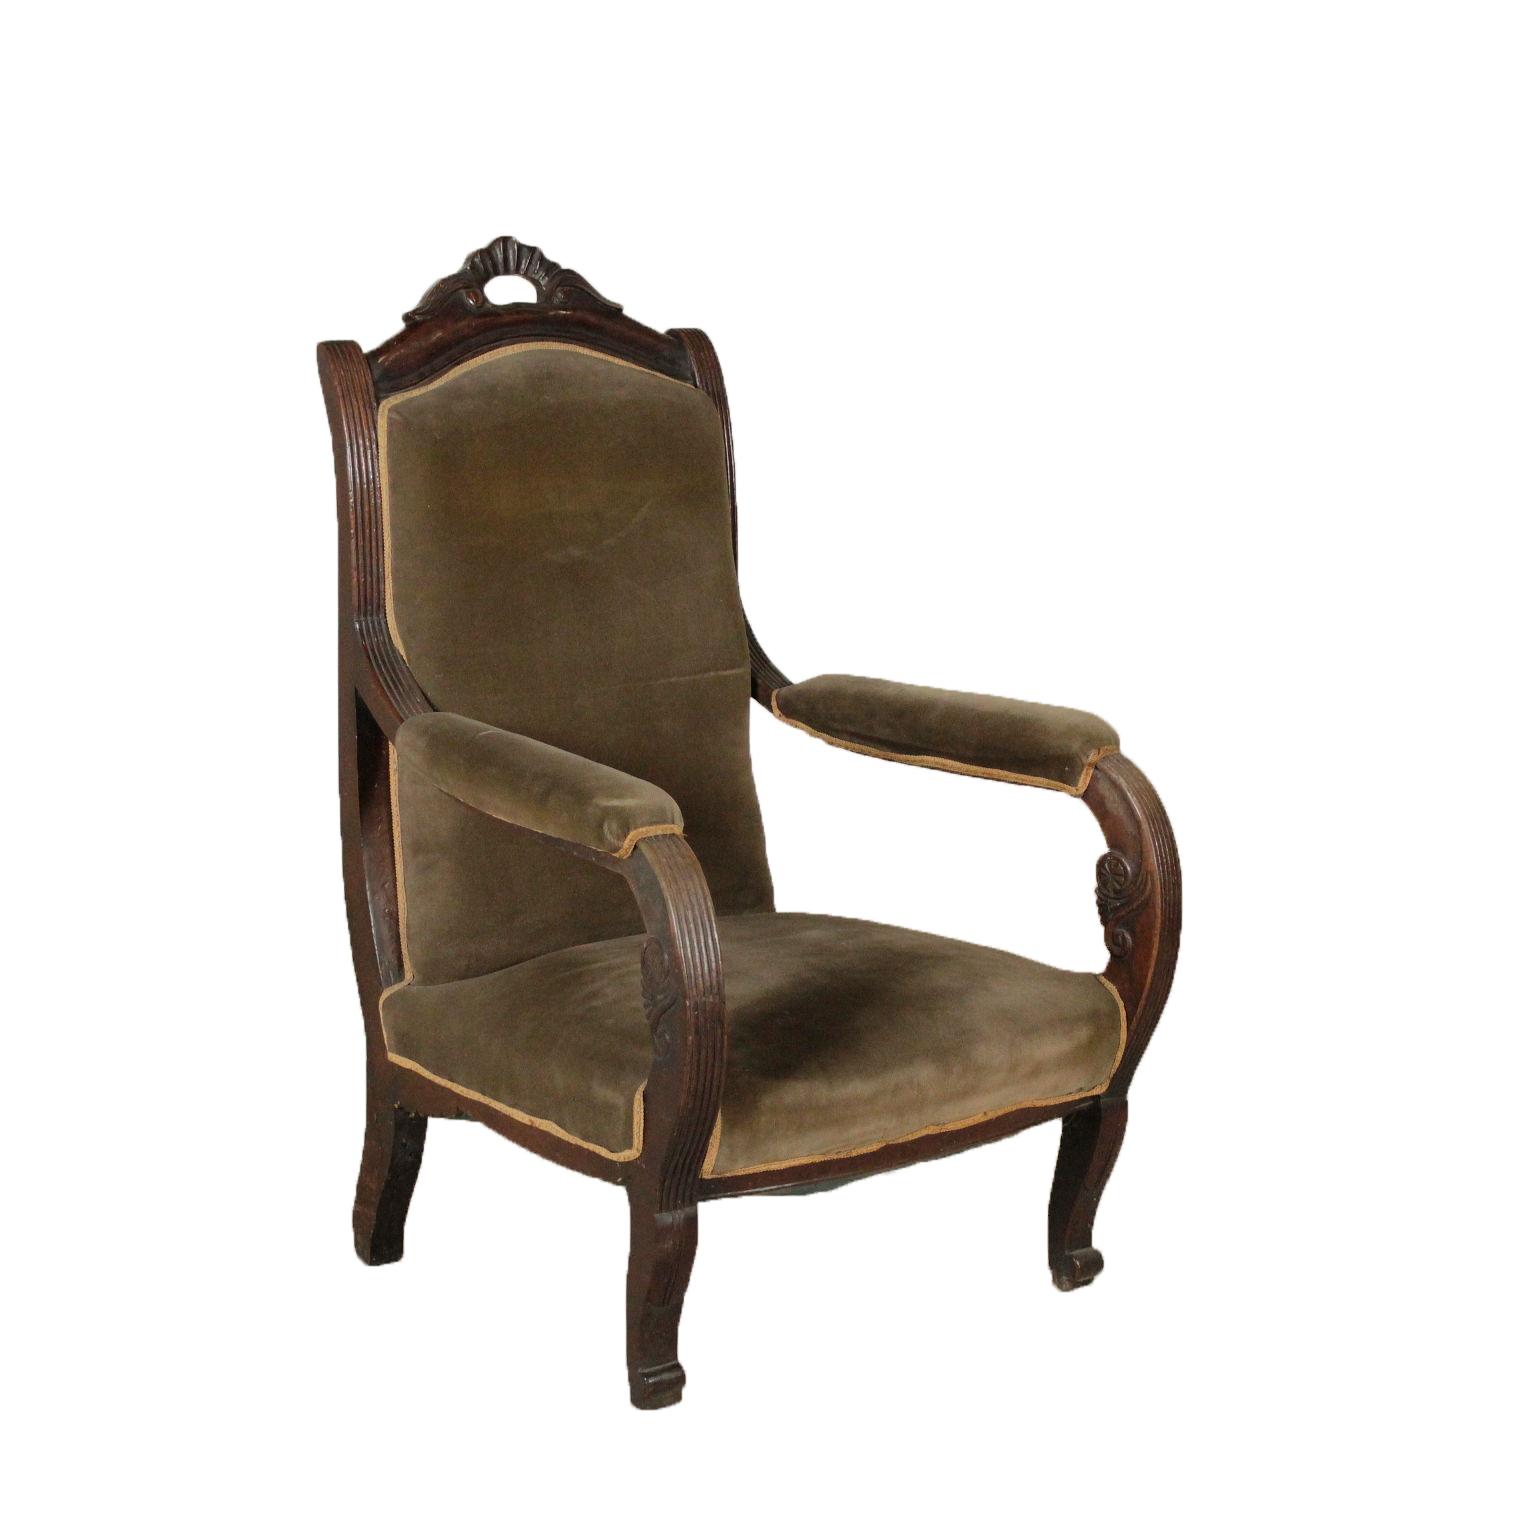 Poltrona restaurazione sedie poltrone divani for Poltrone sedie